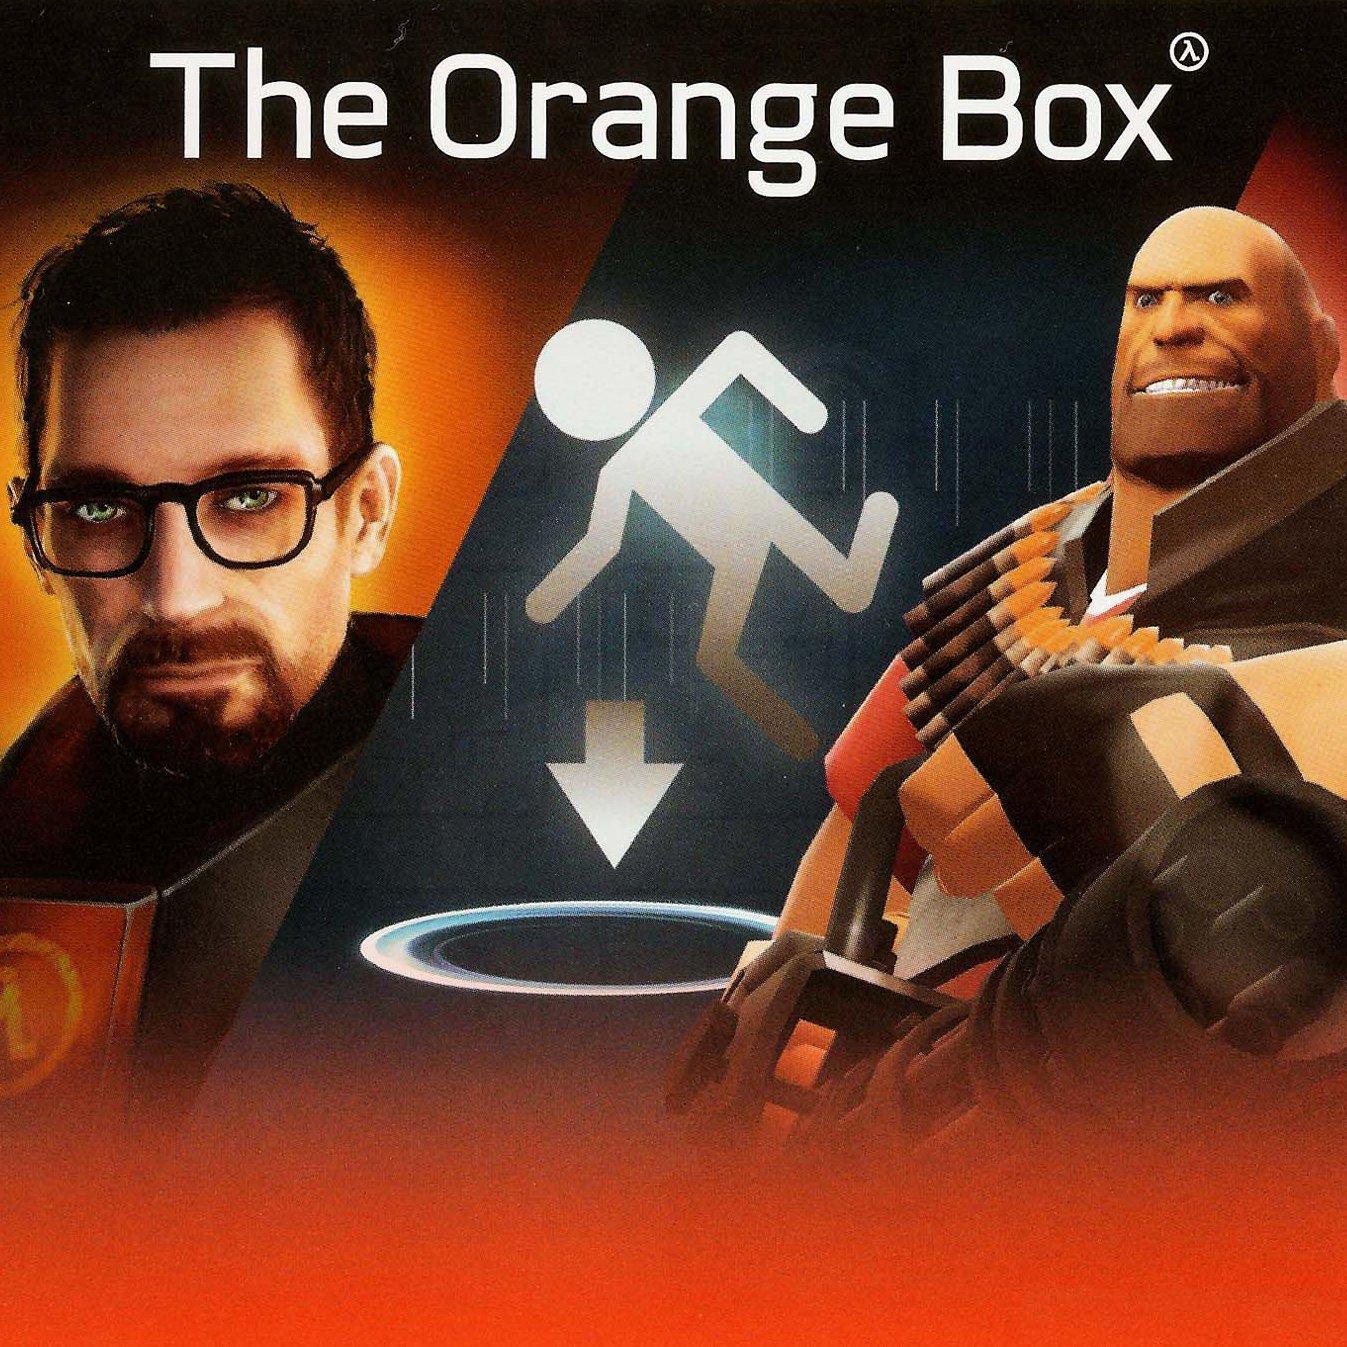 Pack The Orange Box : Half-Life 2, Half-Life 2: Episode Two, Half-life 2: Episode One, Team Fortress 2 et Portal sur PC (Dématérialisé, Steam)